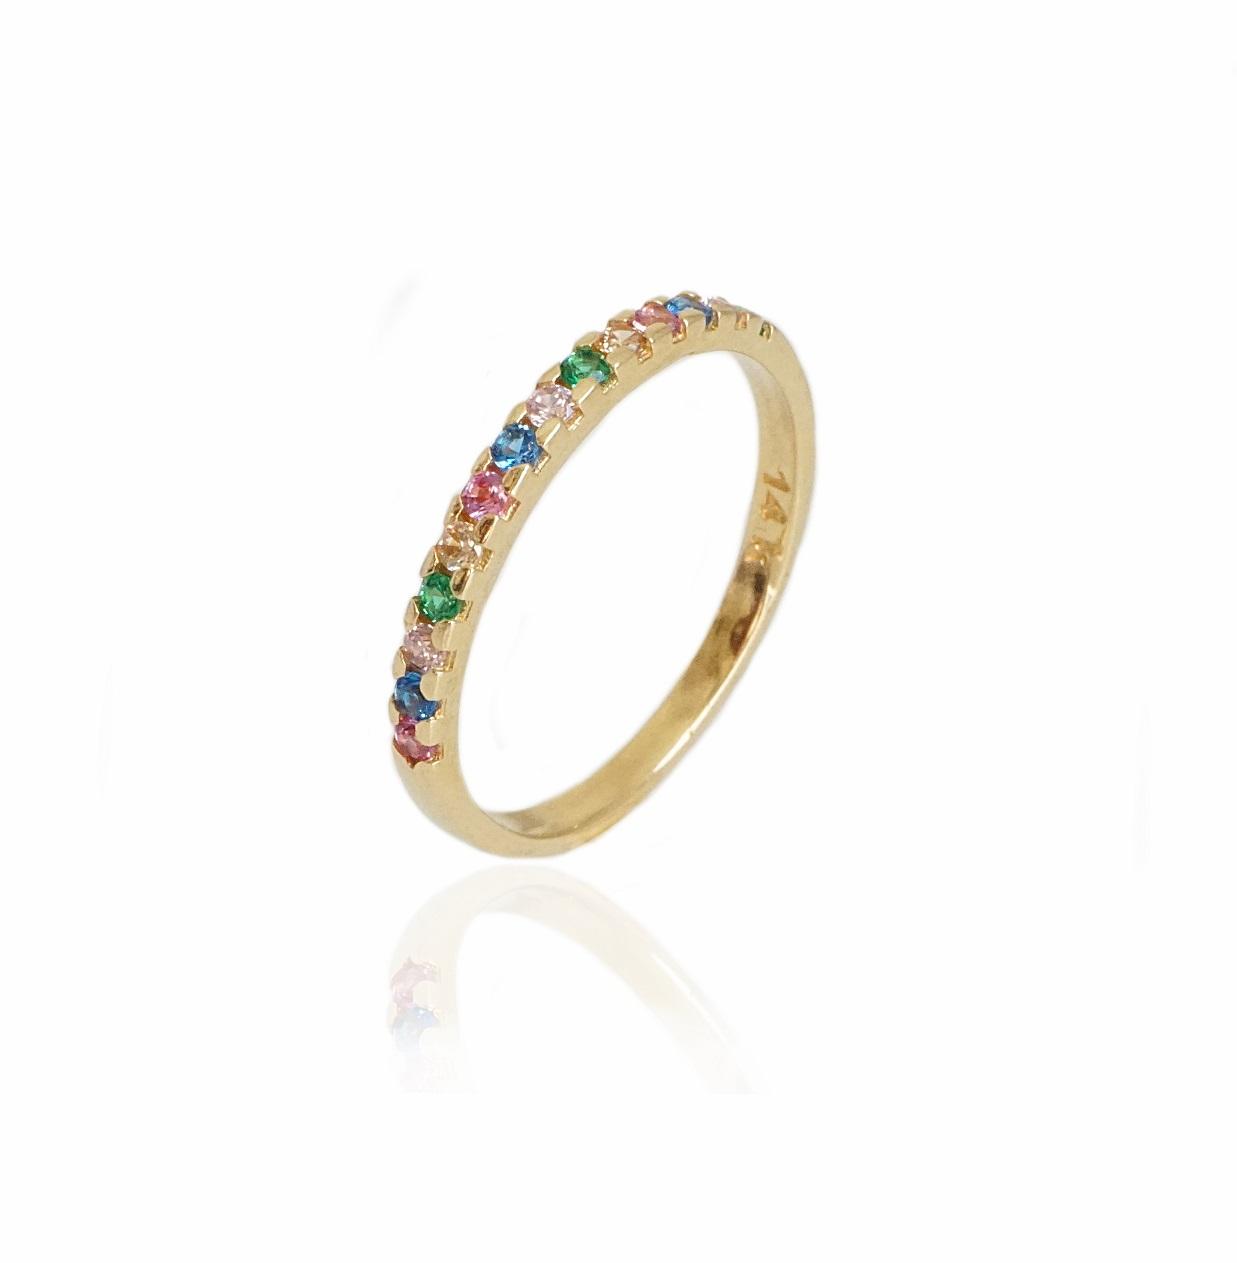 טבעת איטרניטי  זרקונים צבעוניות בזהב 14 קרט|טבעת זהב משלימה